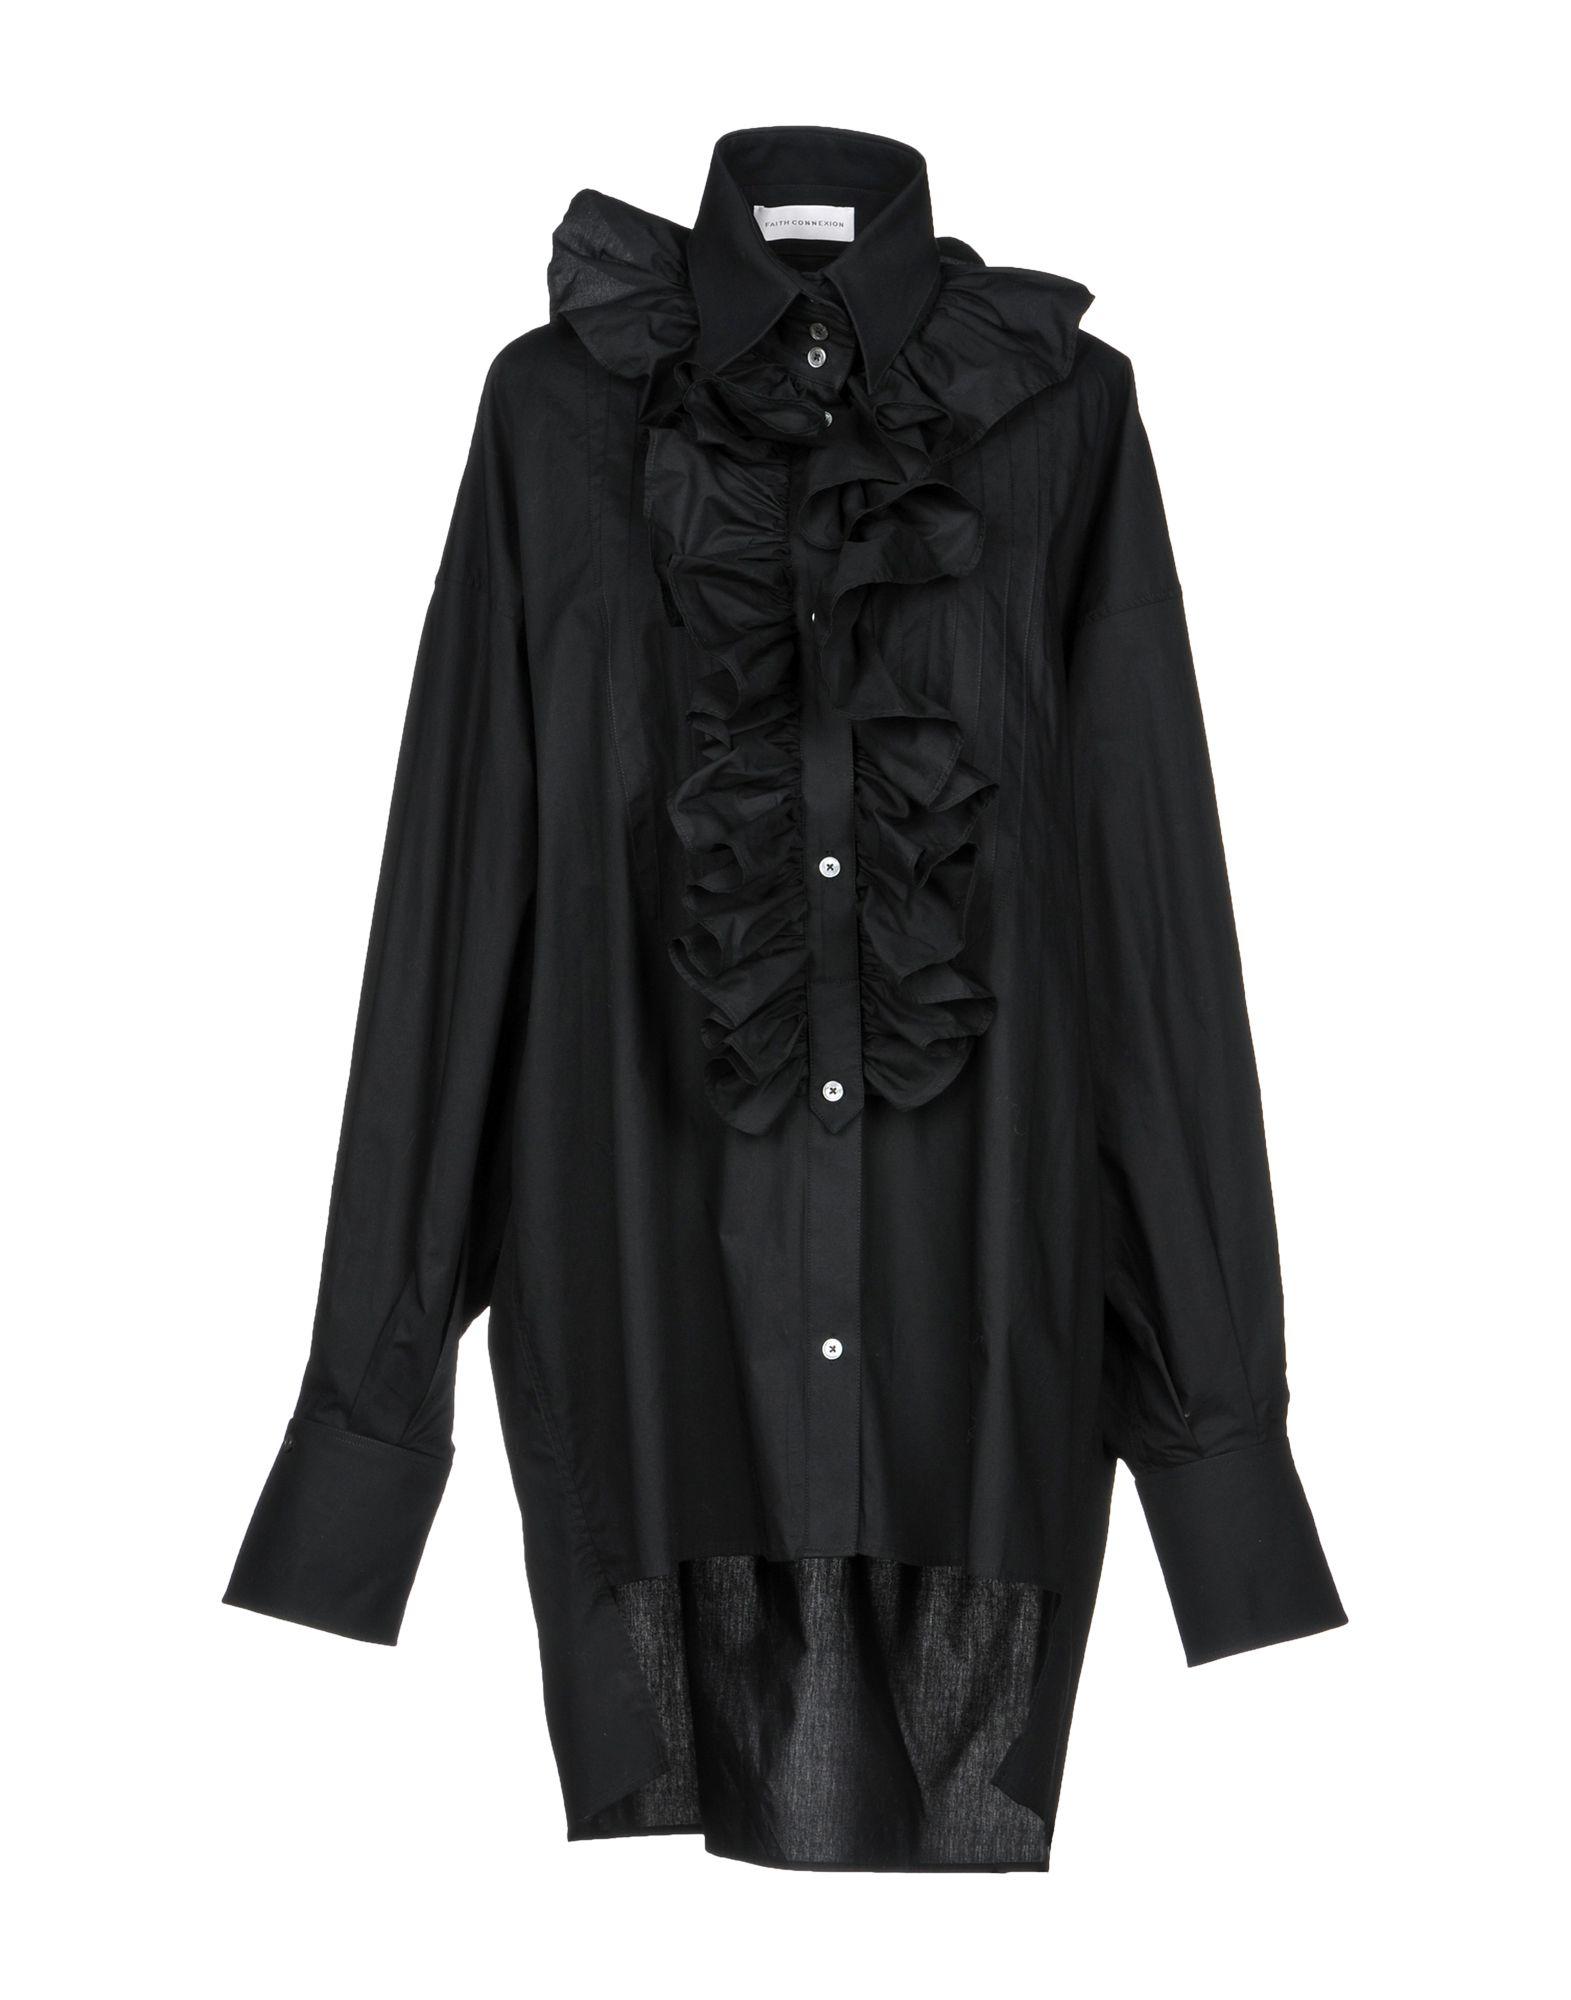 Camicie E Bluse Tinta Unita Faith Connexion Donna - Acquista online su 9oZ8CWYB